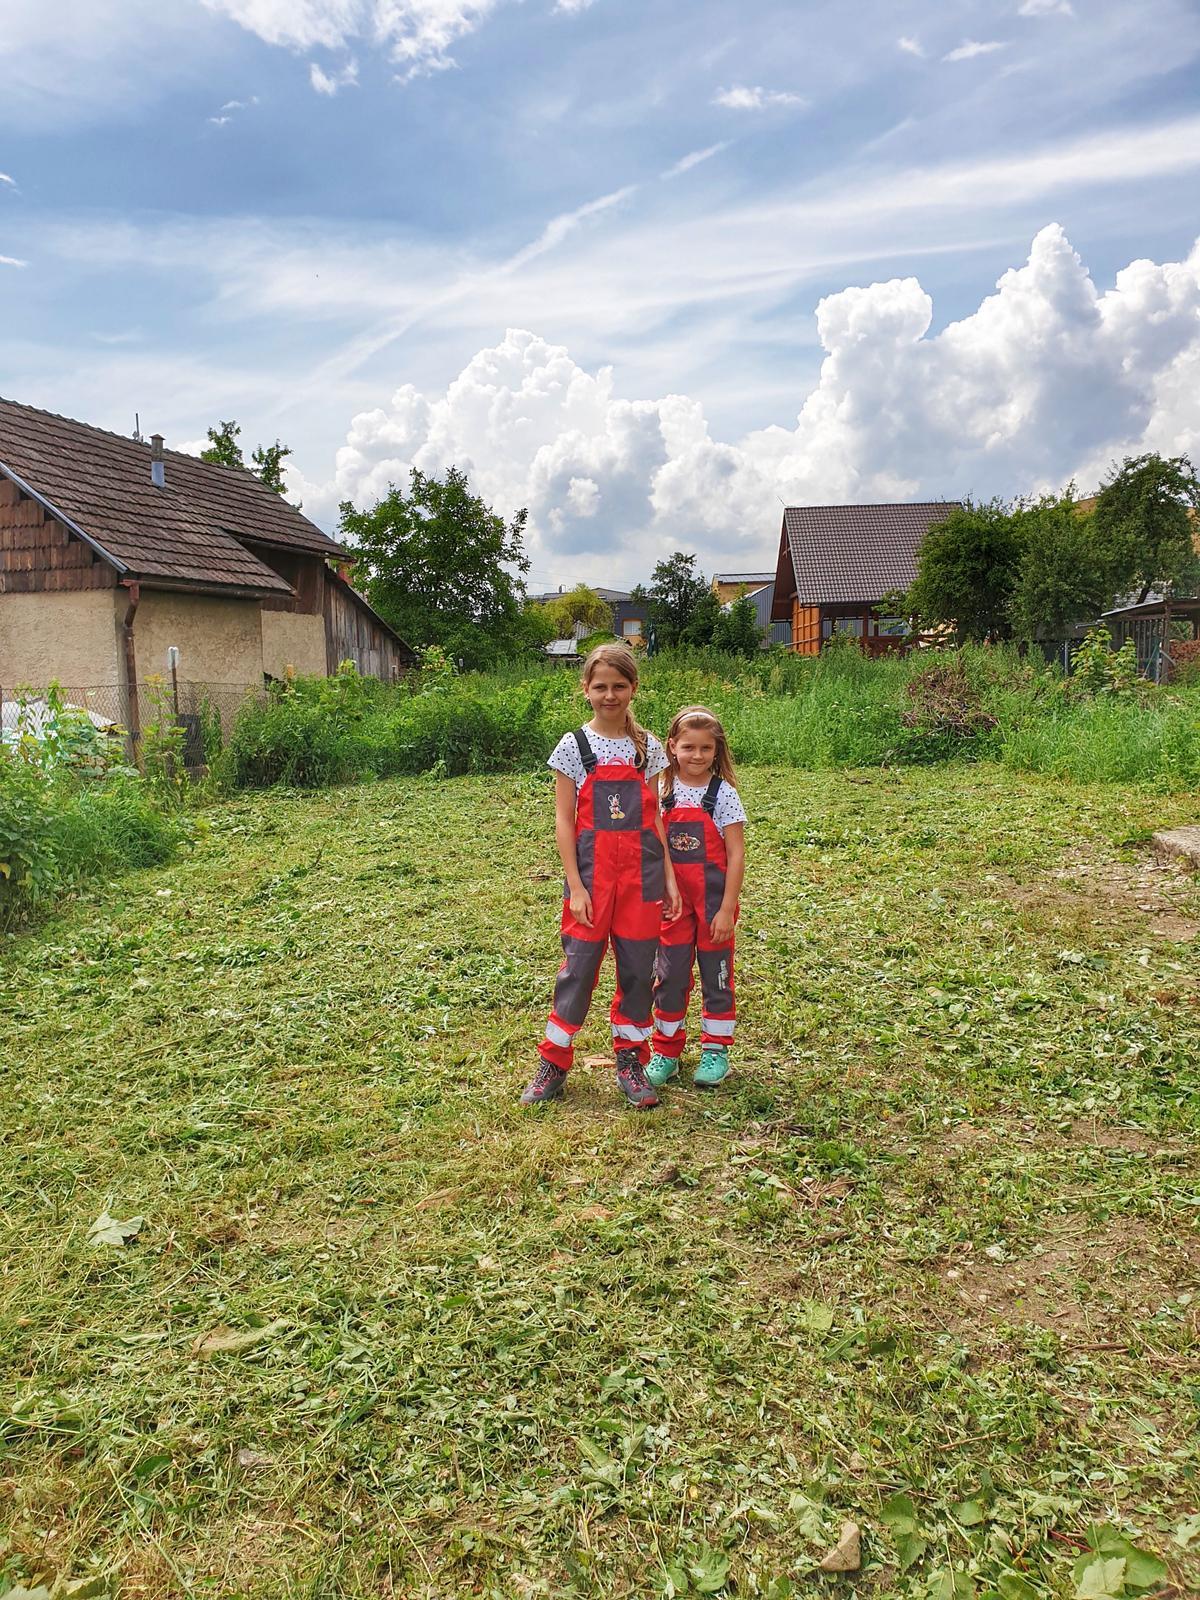 Rekonštrukcia domu-alebo chceme si splniť sen =》🏠🌻🌼🐶  mat domcek a vratit sa na Slovensko - Obrázok č. 100